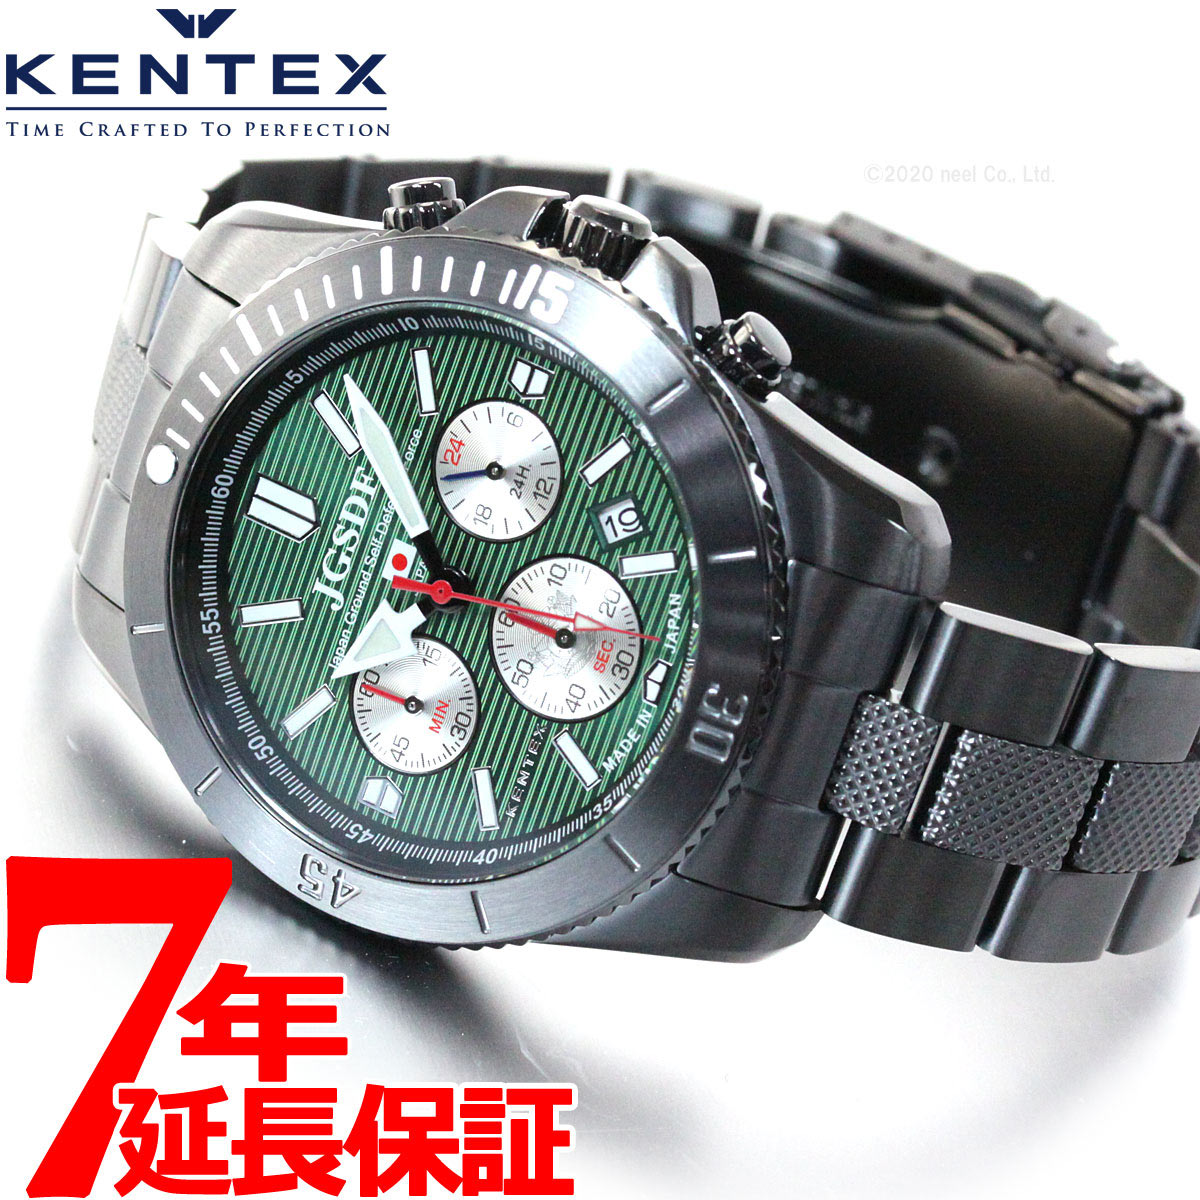 【1000円OFFクーポン!9月19日9時59分まで!】ケンテックス KENTEX 腕時計 メンズ JSDF PRO 陸上自衛隊 プロフェッショナルモデル クロノグラフ S690M-01